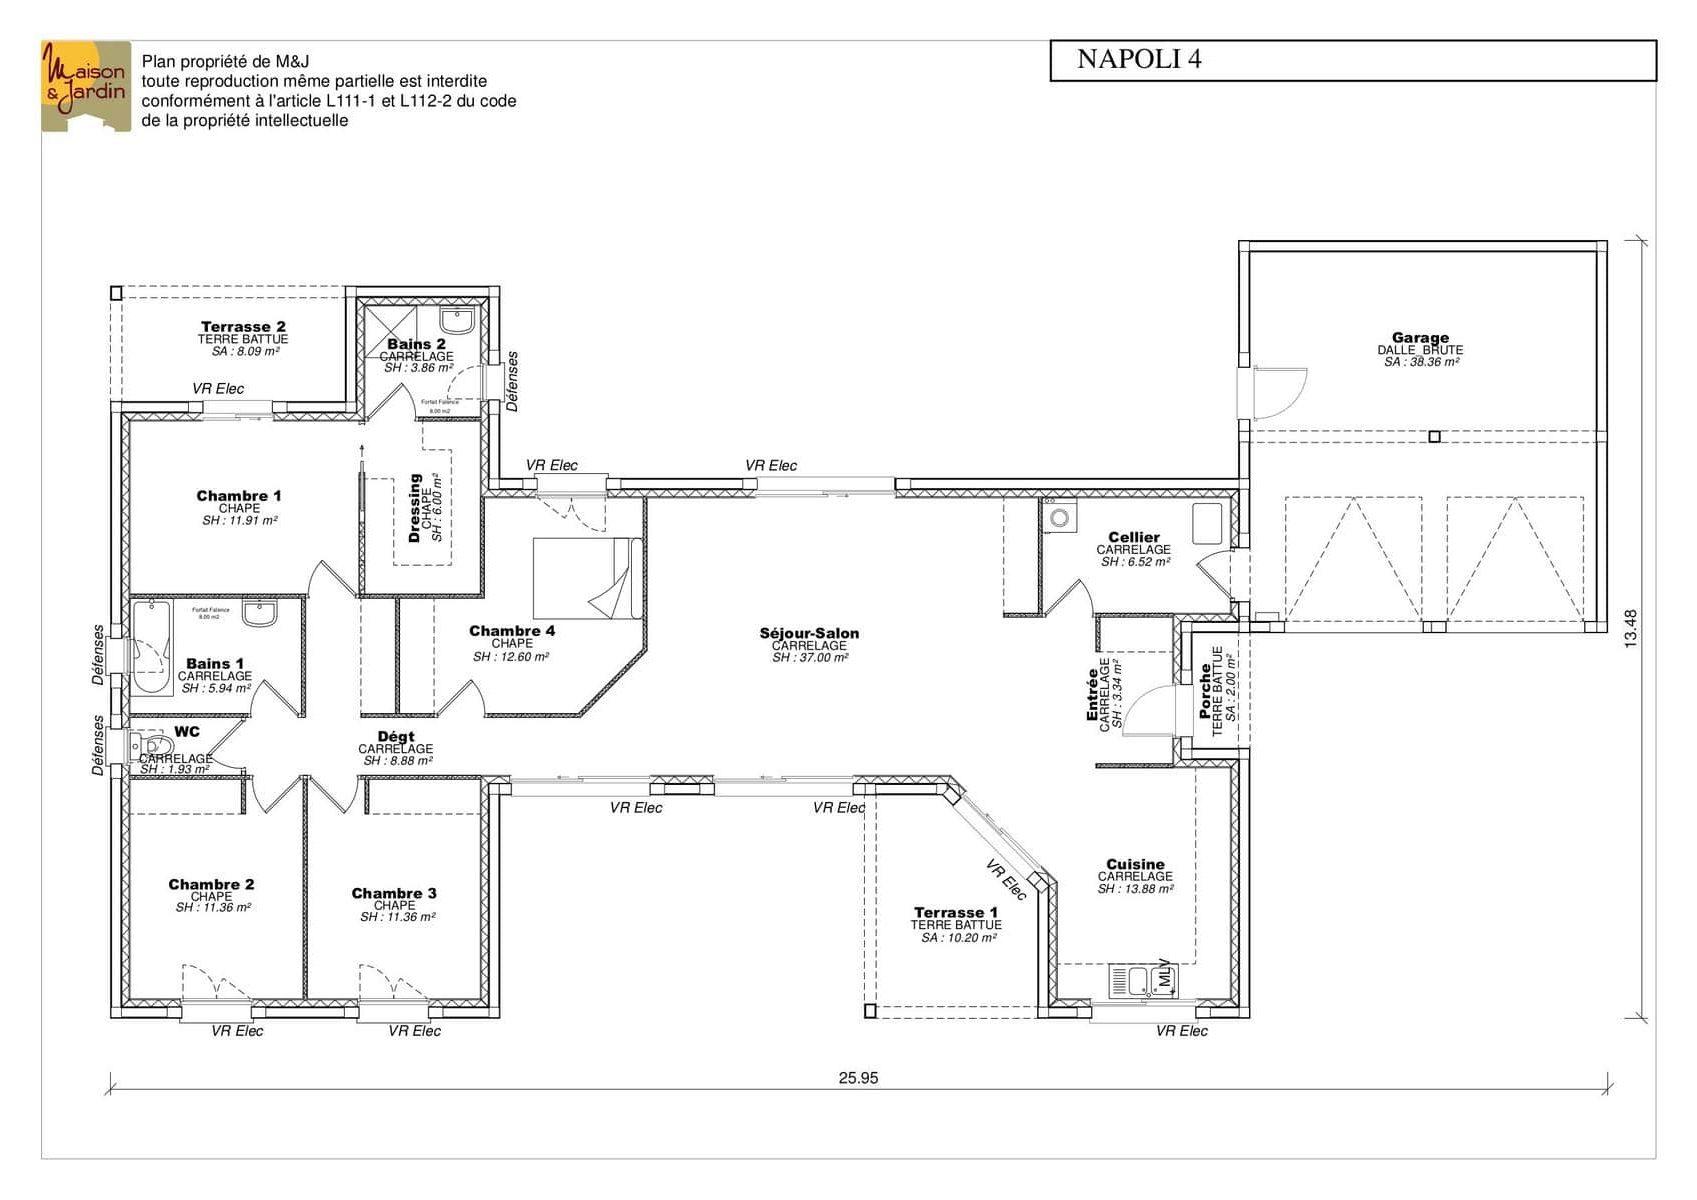 Maison En U Plan Maison Gratuit Maisons Clair Logis